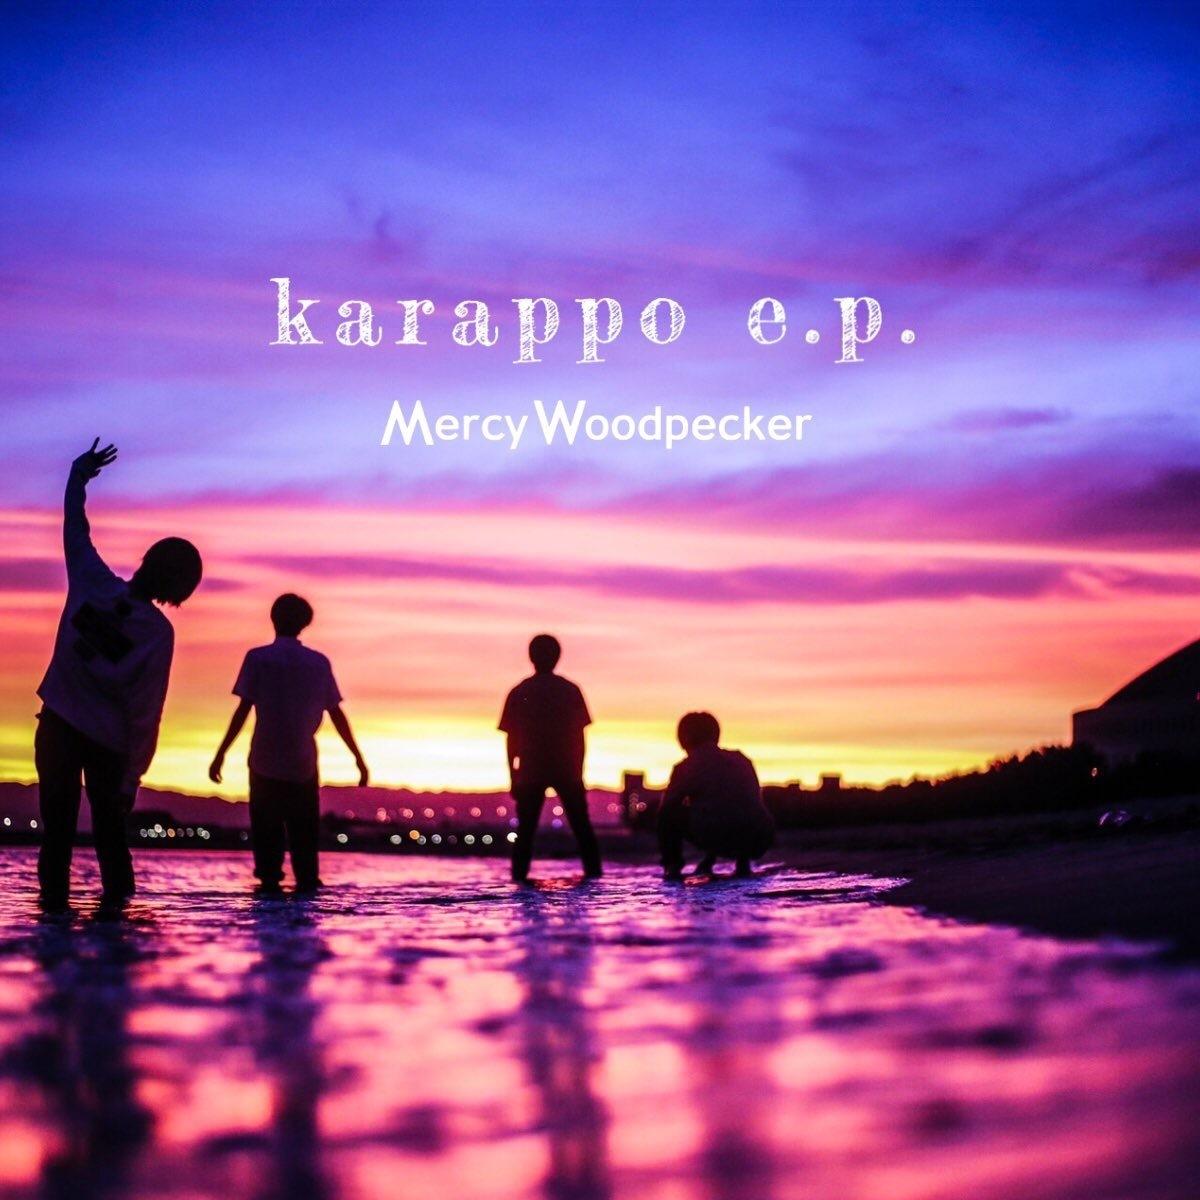 karappo